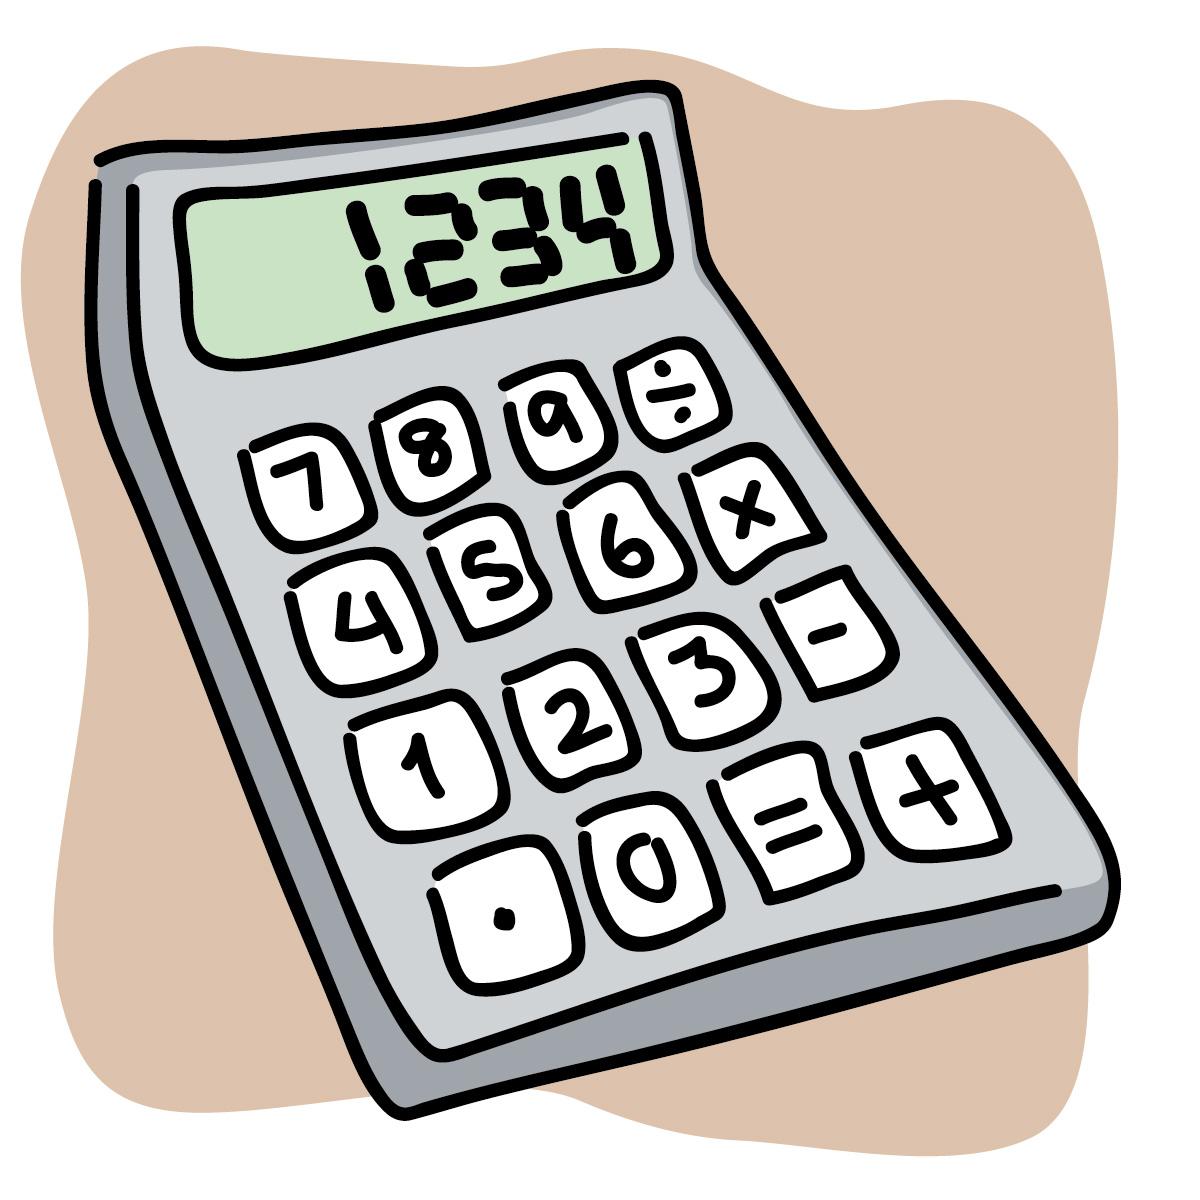 Homework clipart math equipment #12